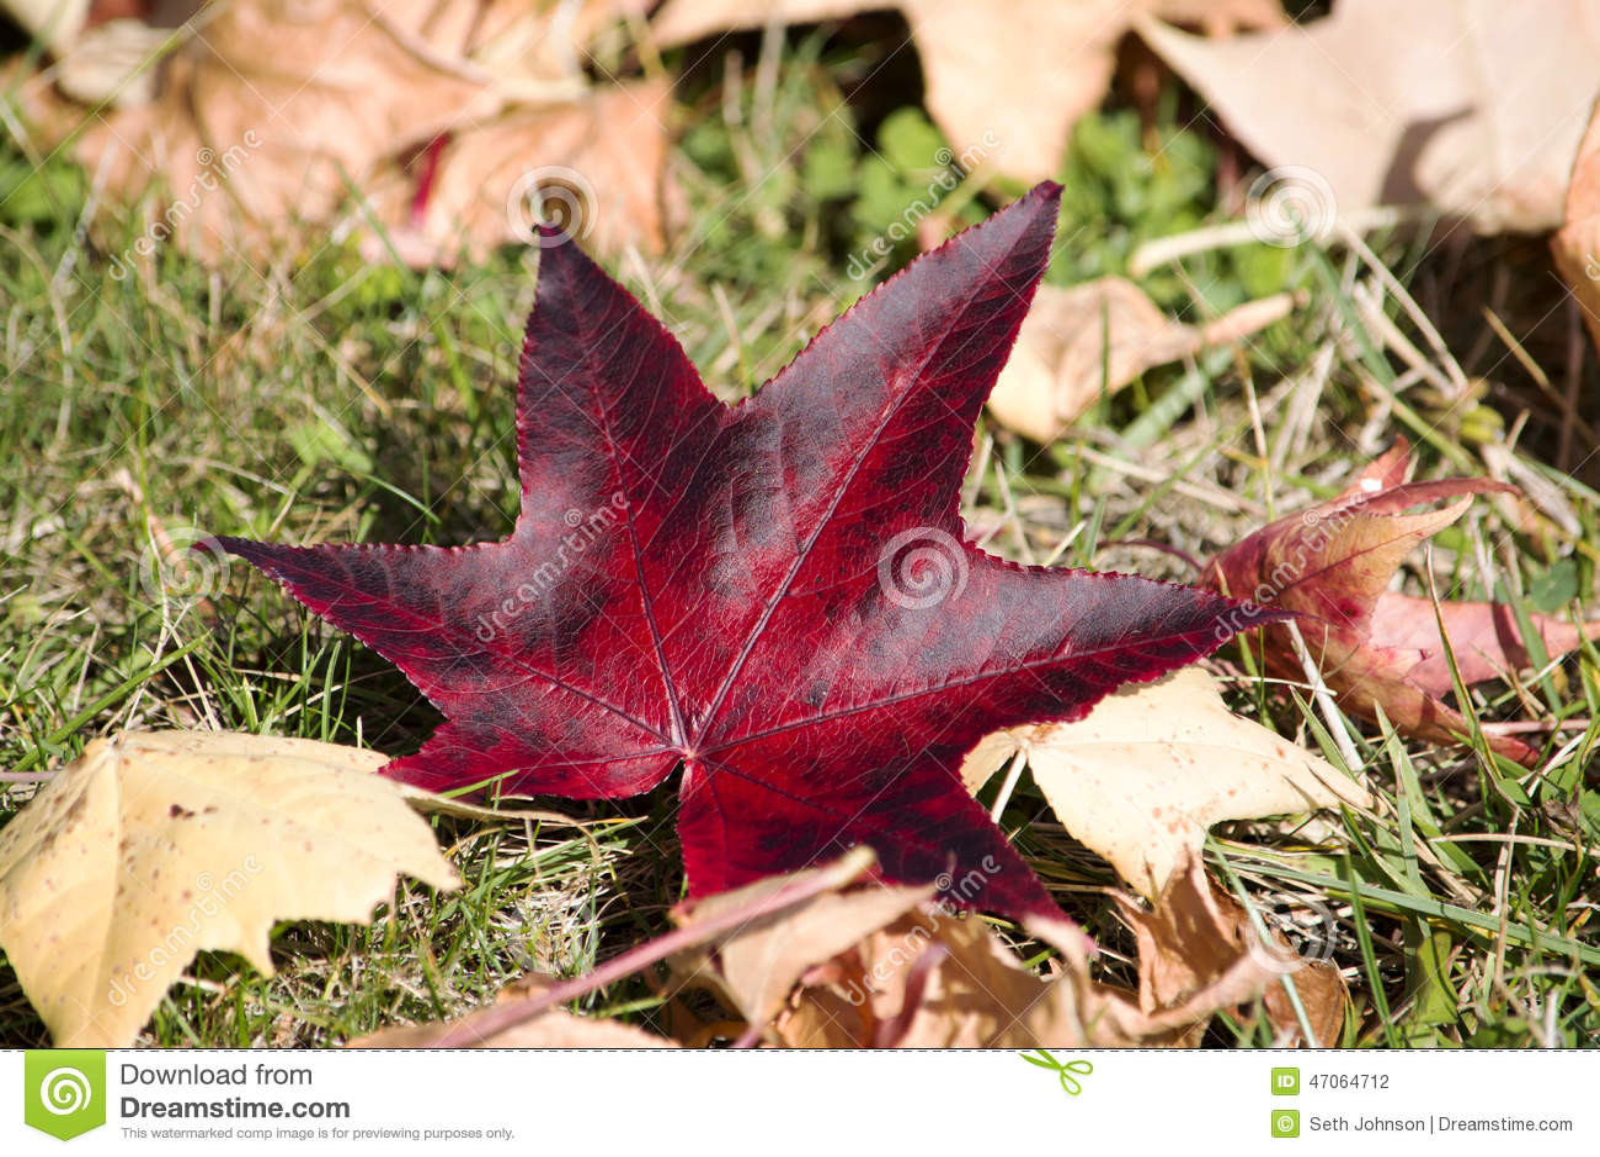 individualistic stock photo image of sunshine individualistic